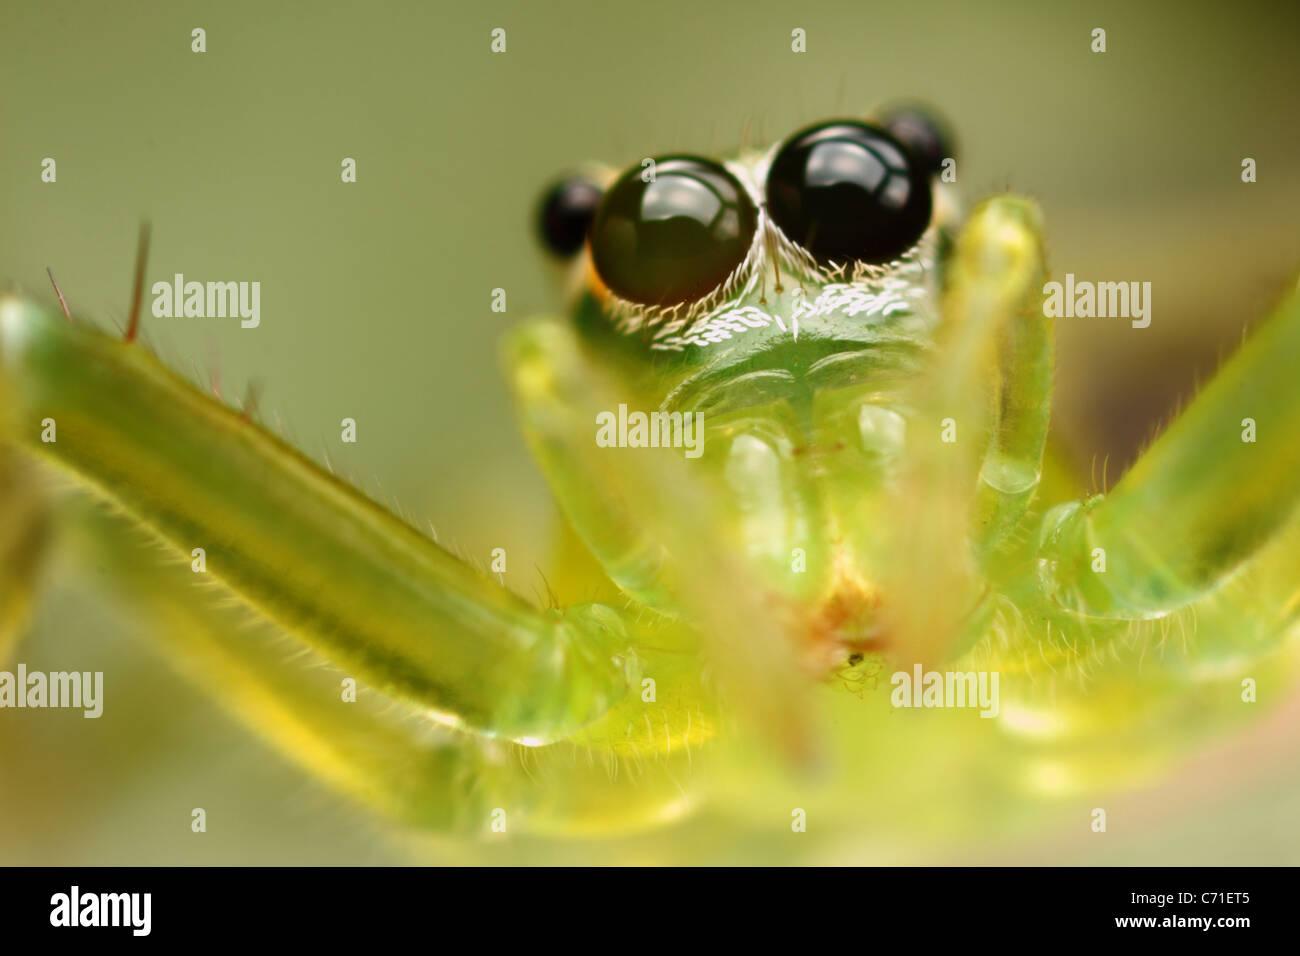 Foto ist eine grüne transparente Jumper Spinne im Moment des Sprunges. Stockbild